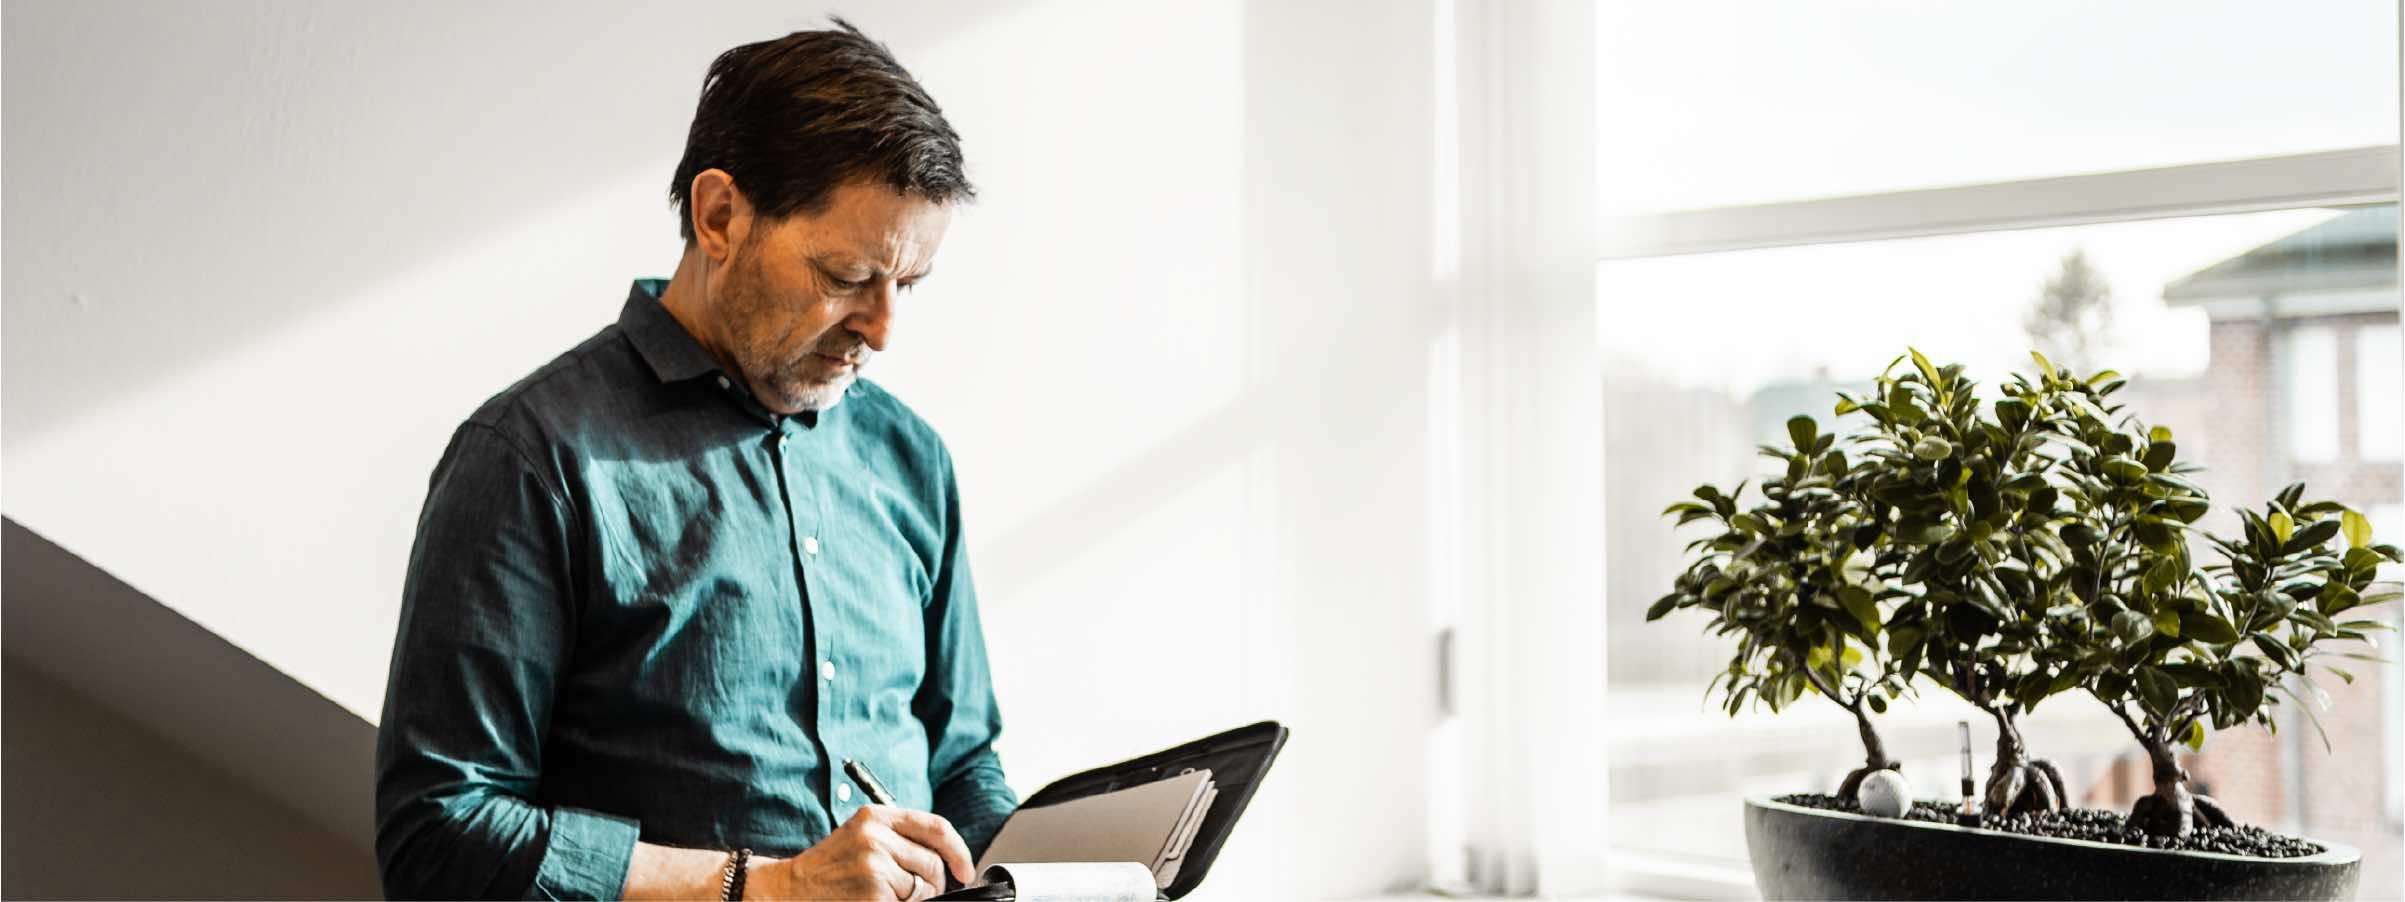 Med Valeur Akademi kan jeres medarbejdere få viden og træning inden for mødebooking og kundeservice, og dermed booste jeres salg og kundeoplevelser.